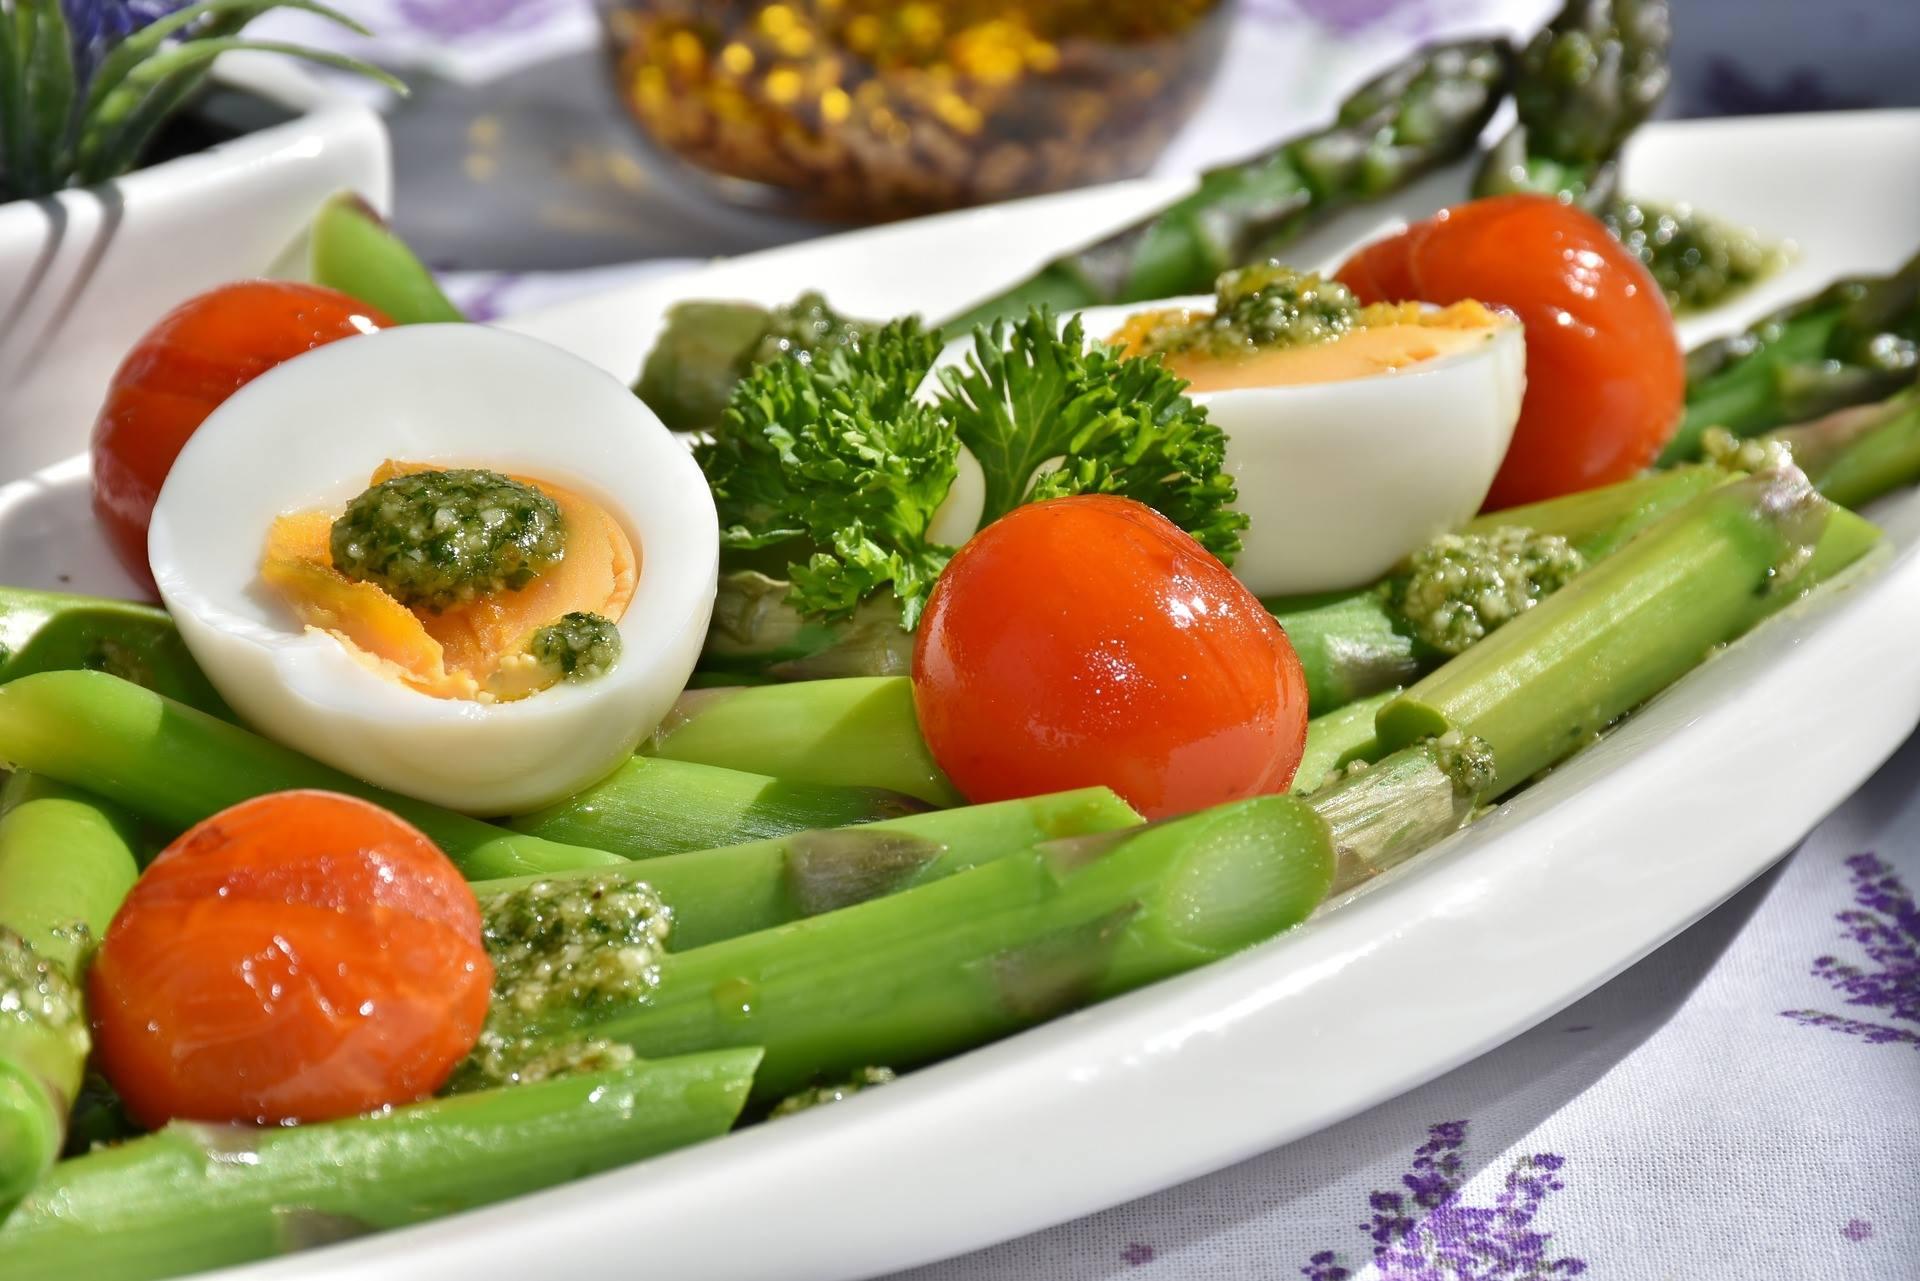 Régime dukan gratuit : 4 grandes étapes de perte de poids